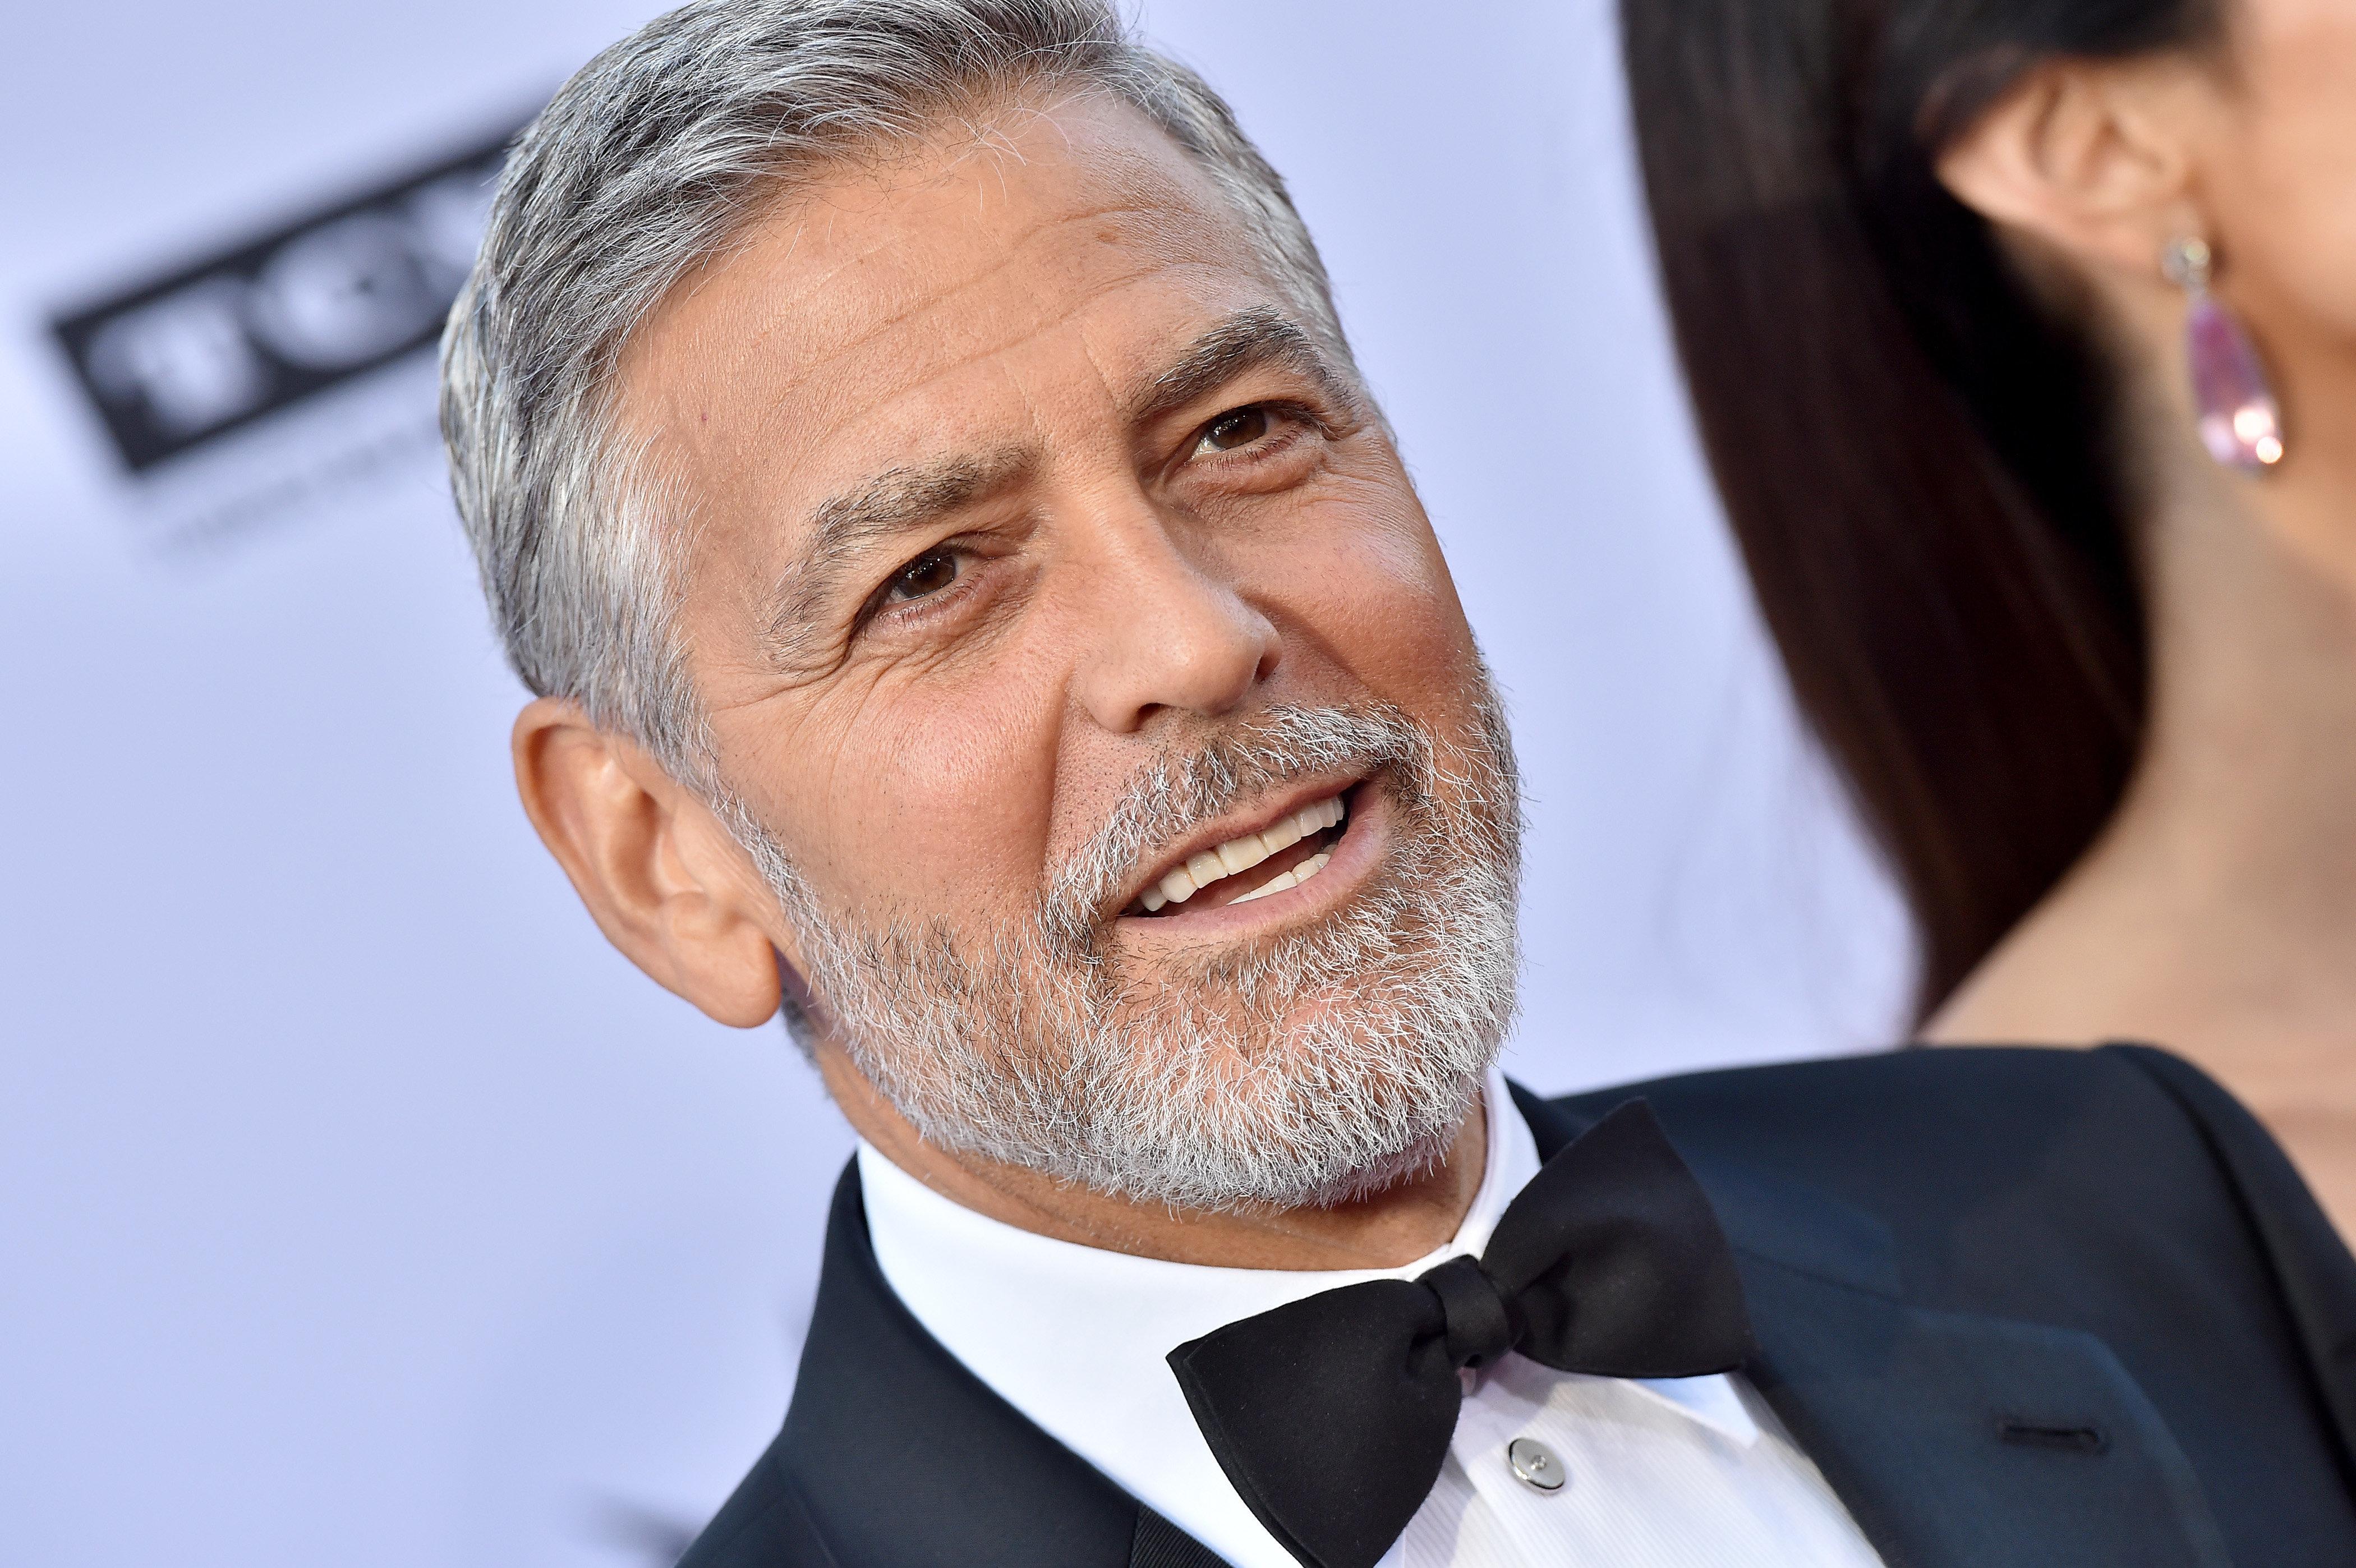 Ο George Clooney συγκρούστηκε με φορτηγό και τραυματίστηκε σε δρόμο της